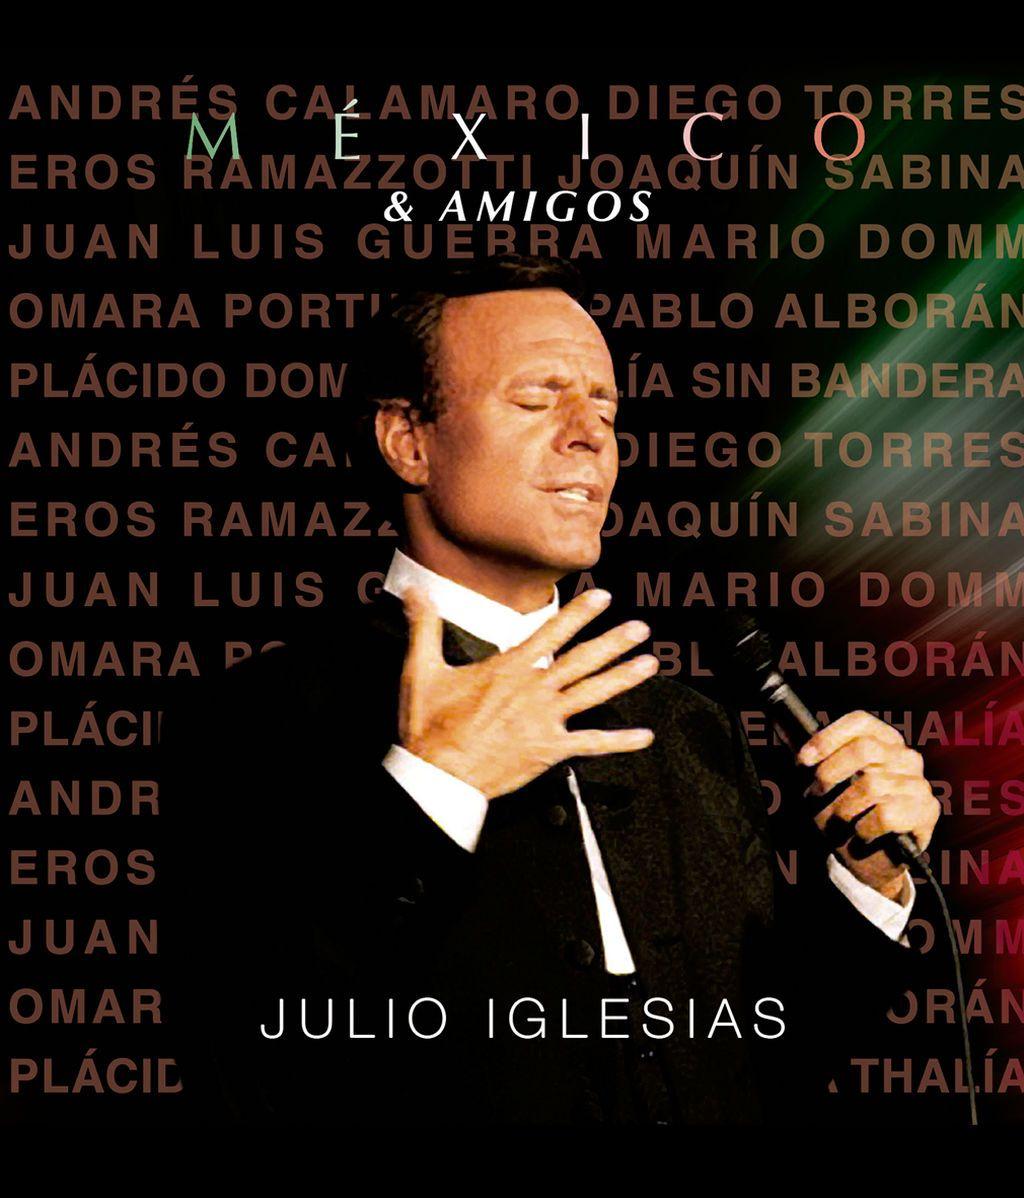 'México & Amigos' el  nuevo disco de duetos de Julio Iglesias sale a la venta el próximo 5 de mayo ¡Regálaselo!